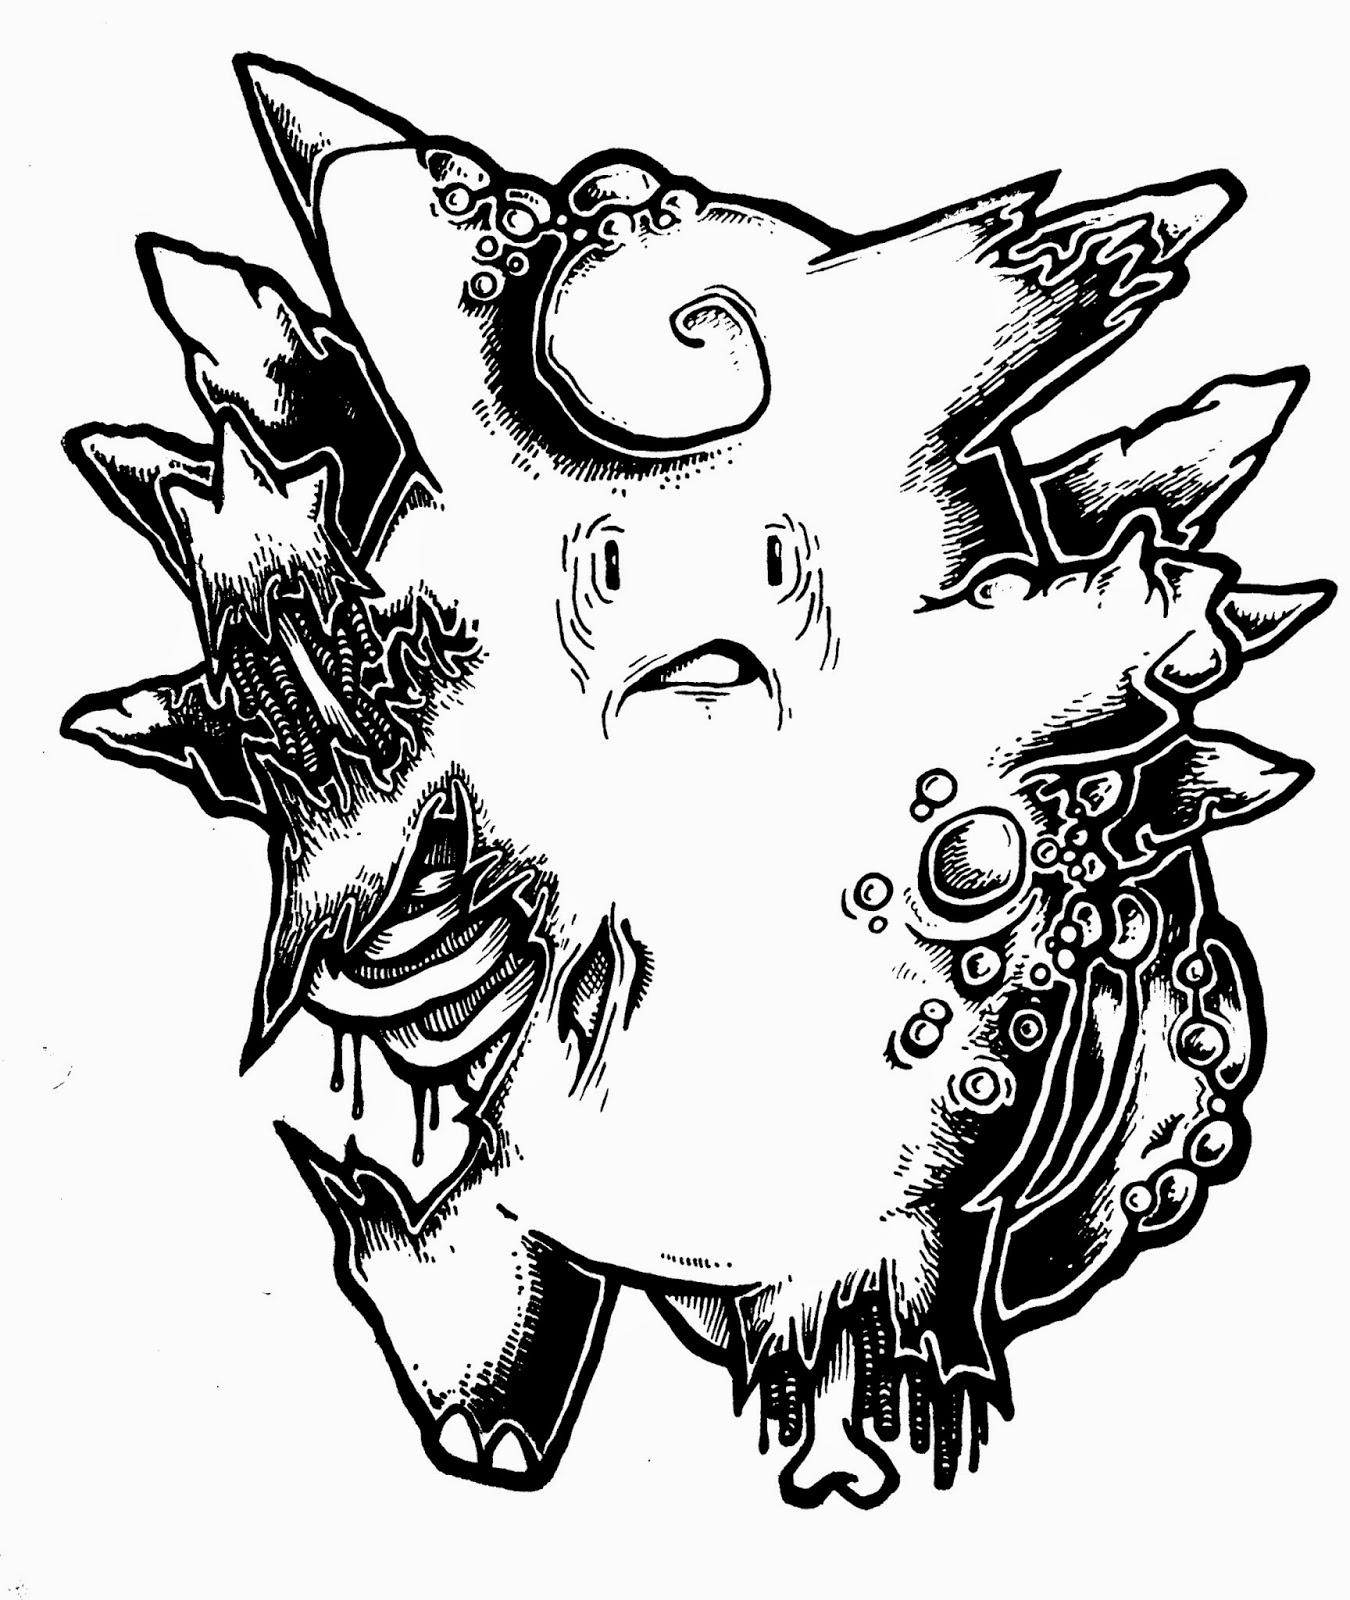 1350x1600 New Zombie Pokemon Works In Progress Daryl Hobson Artwork